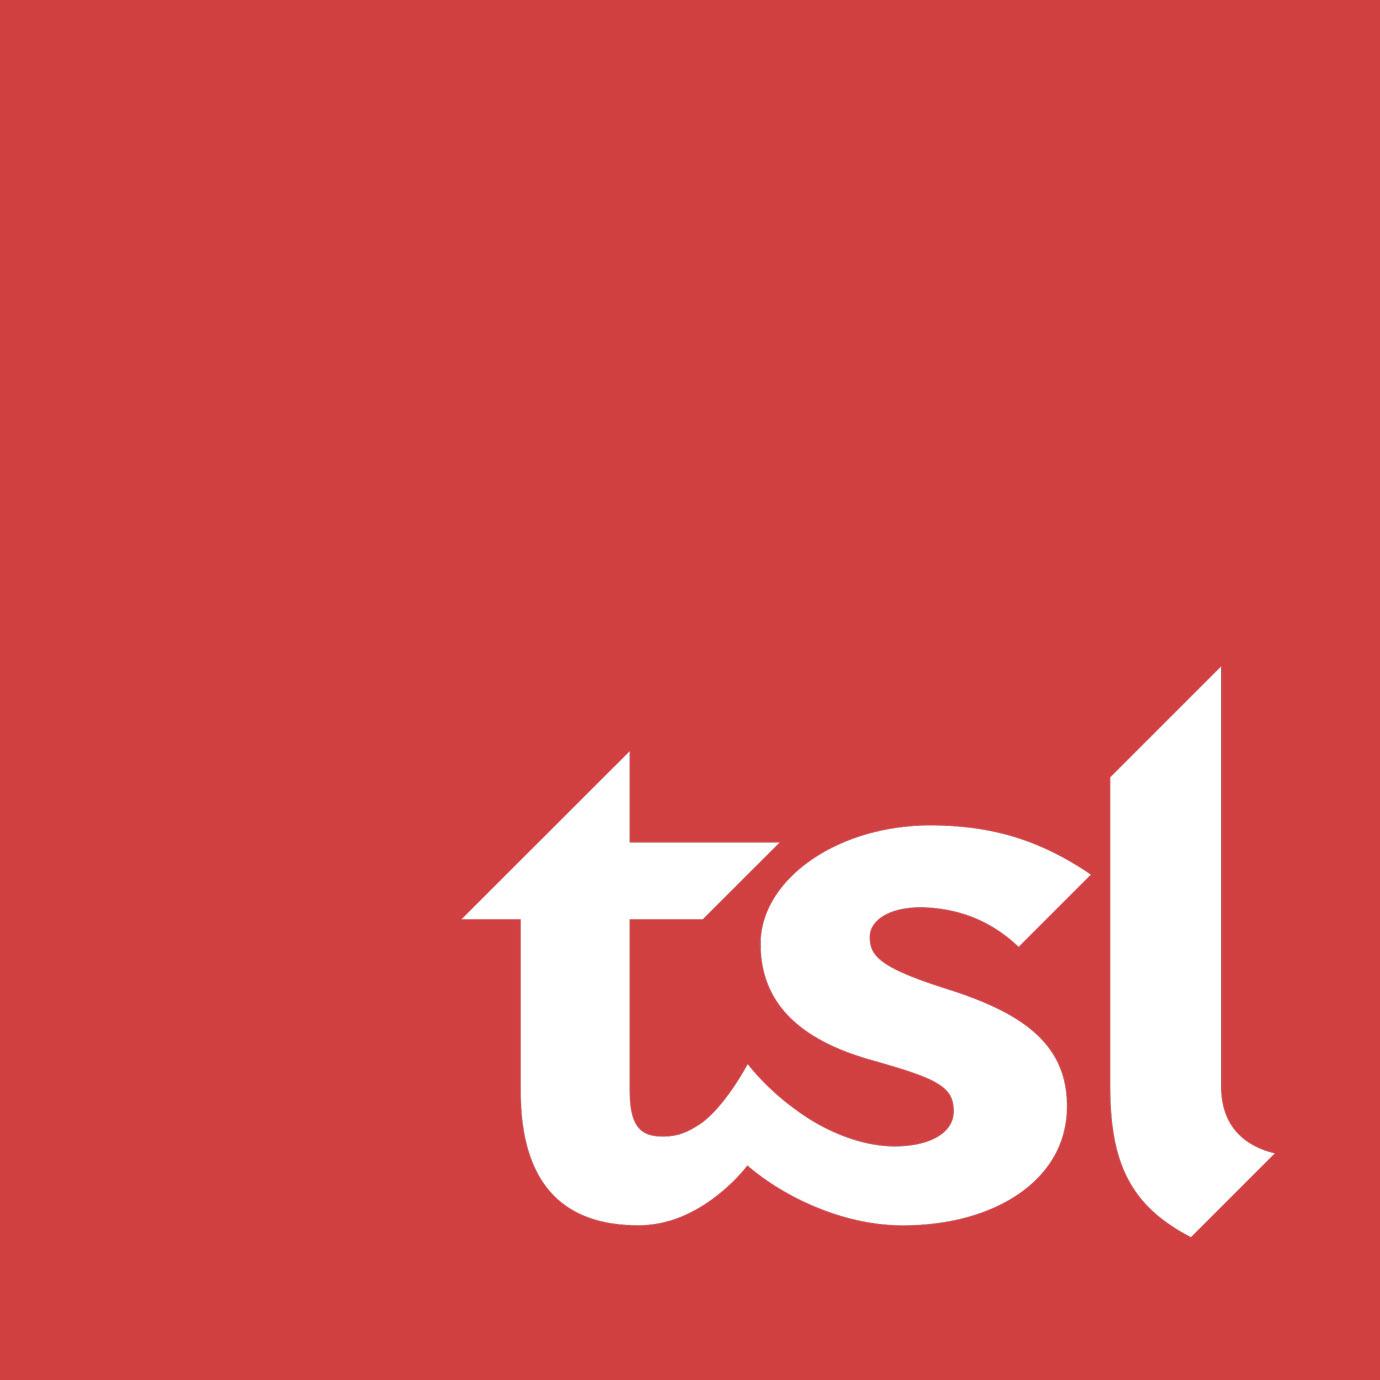 The Script Lab logo design